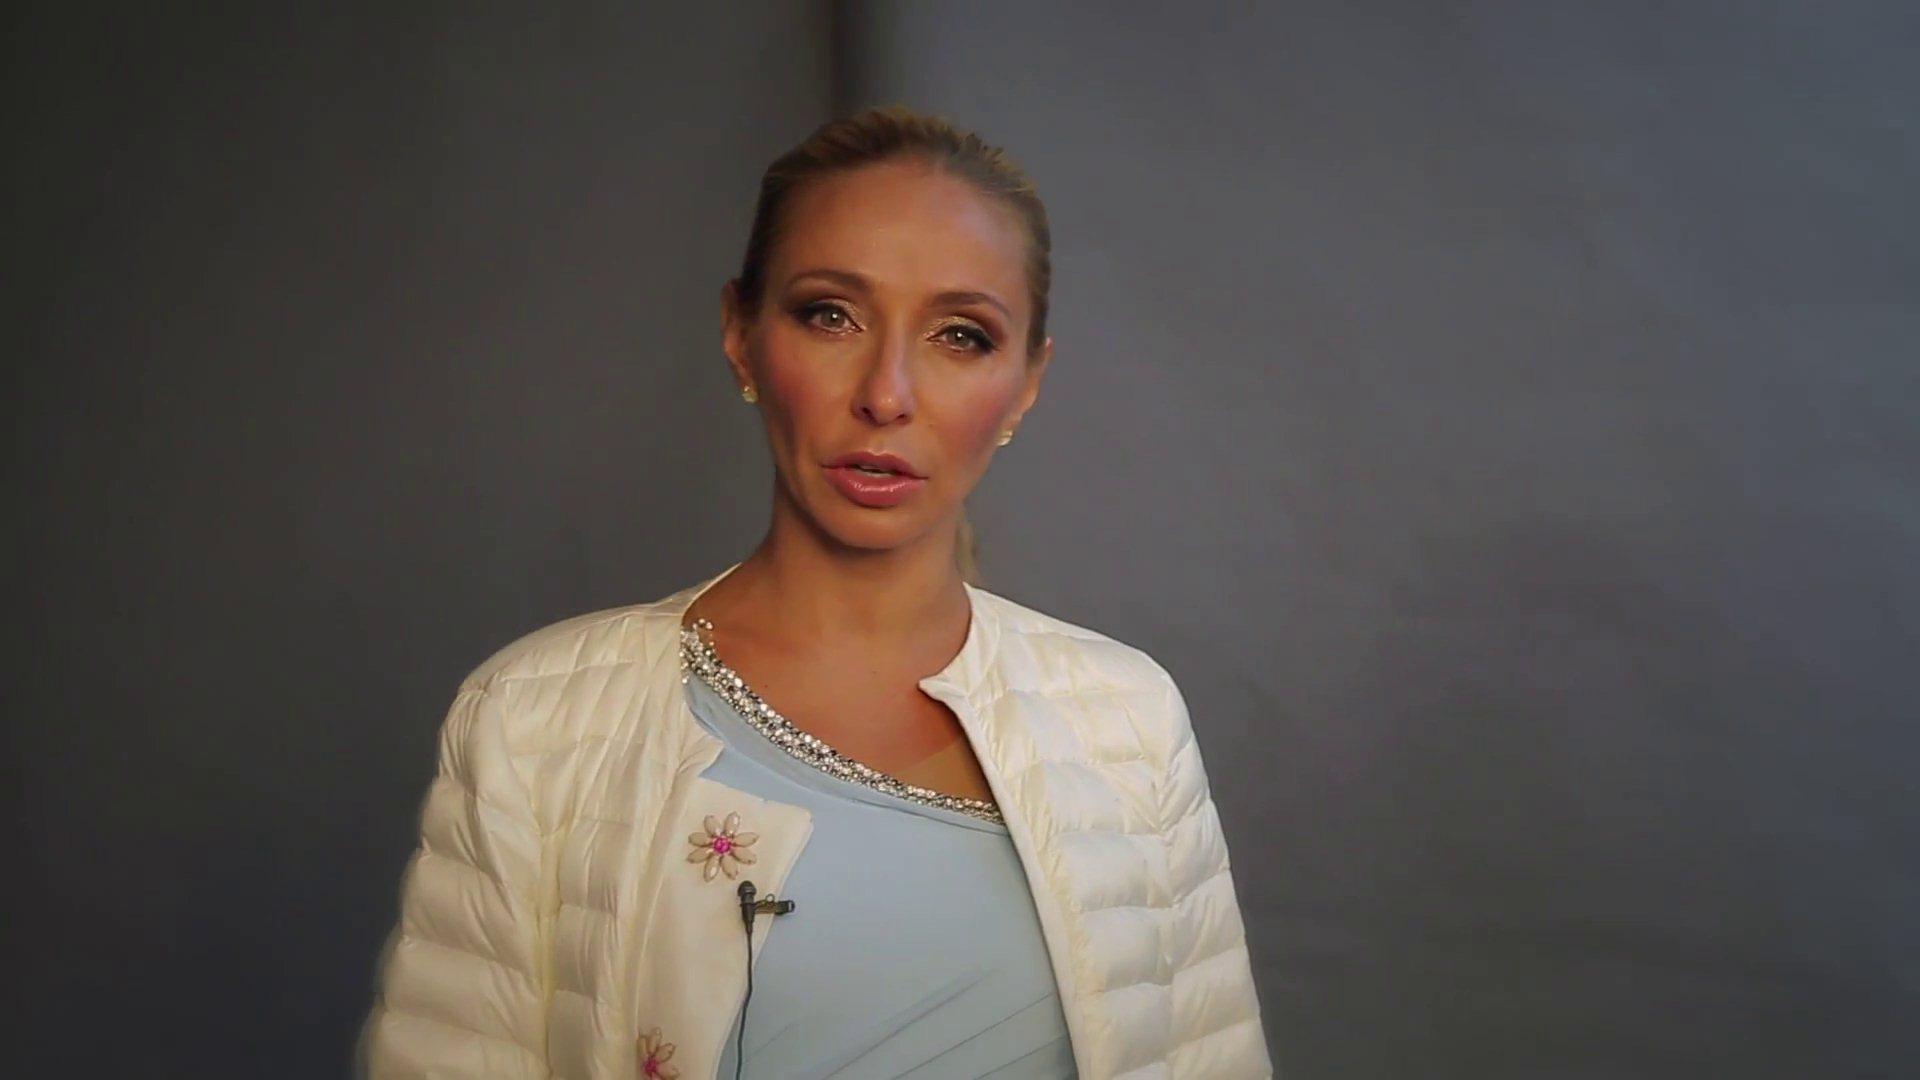 Татьяна Навка. Реклама, съемки, презентации - Страница 6 055b857b3d75